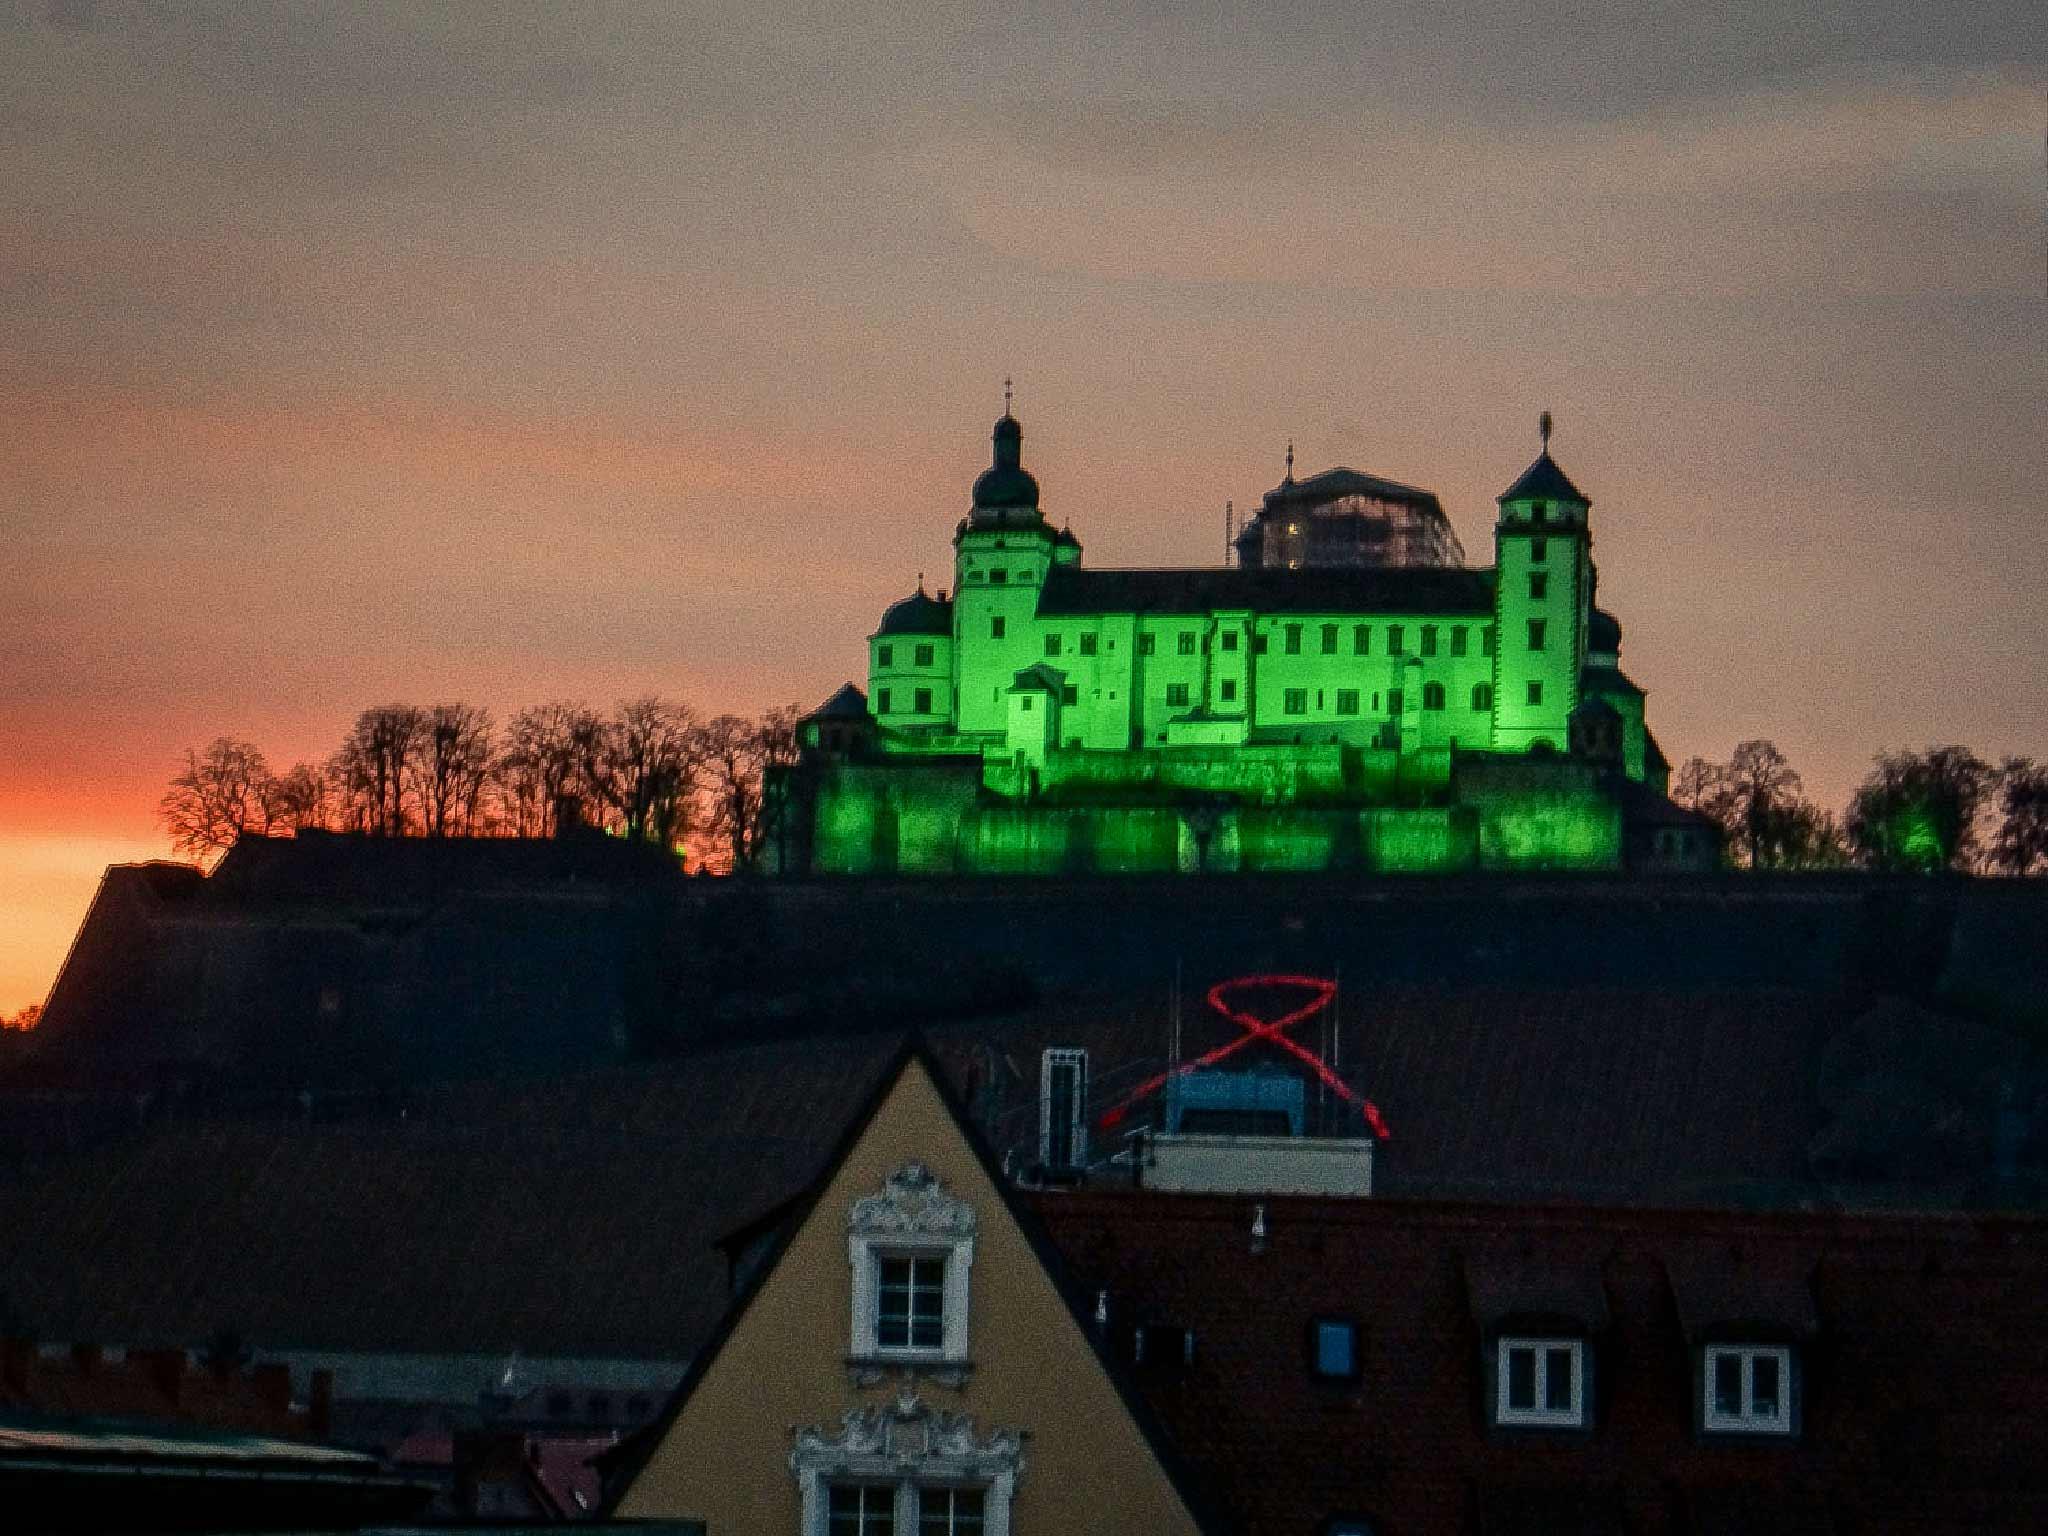 Festung Marienberg in grünem Licht als Zeichen gegen die Todesstrafe. Foto: Dominik Ziegler